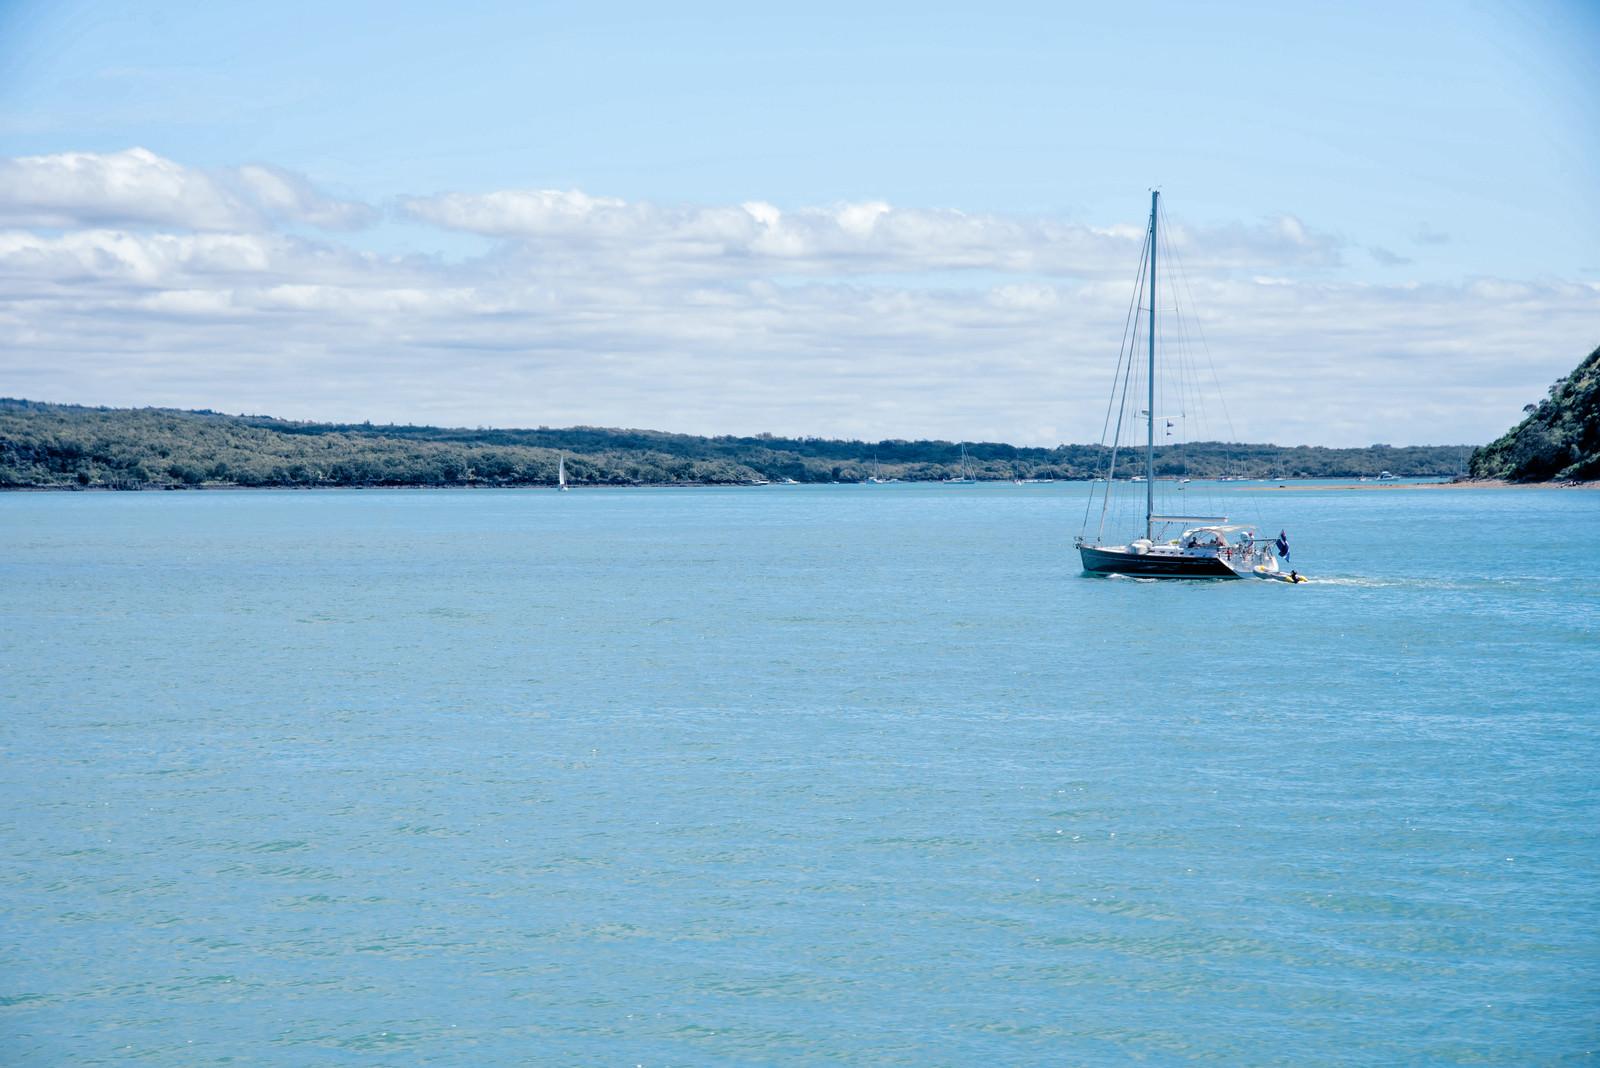 「ハウラキ湾に浮かぶ帆を立てていないヨット(ニュージーランド)」の写真